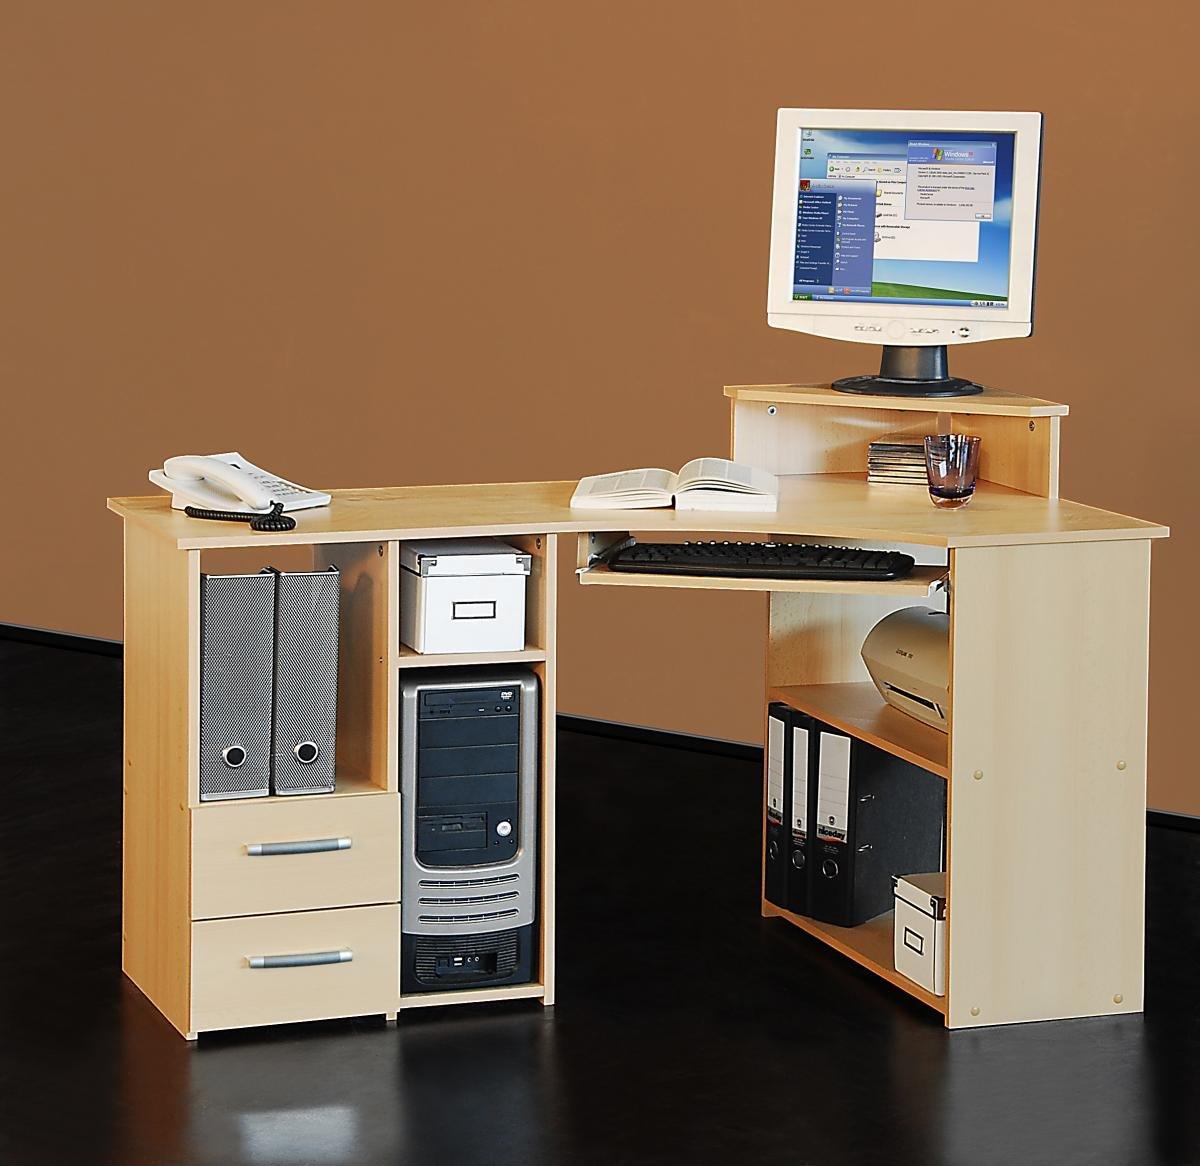 Eck computertisch  4505- 137cm - Eck-Schreibtisch - Computertisch, in buche: Amazon ...